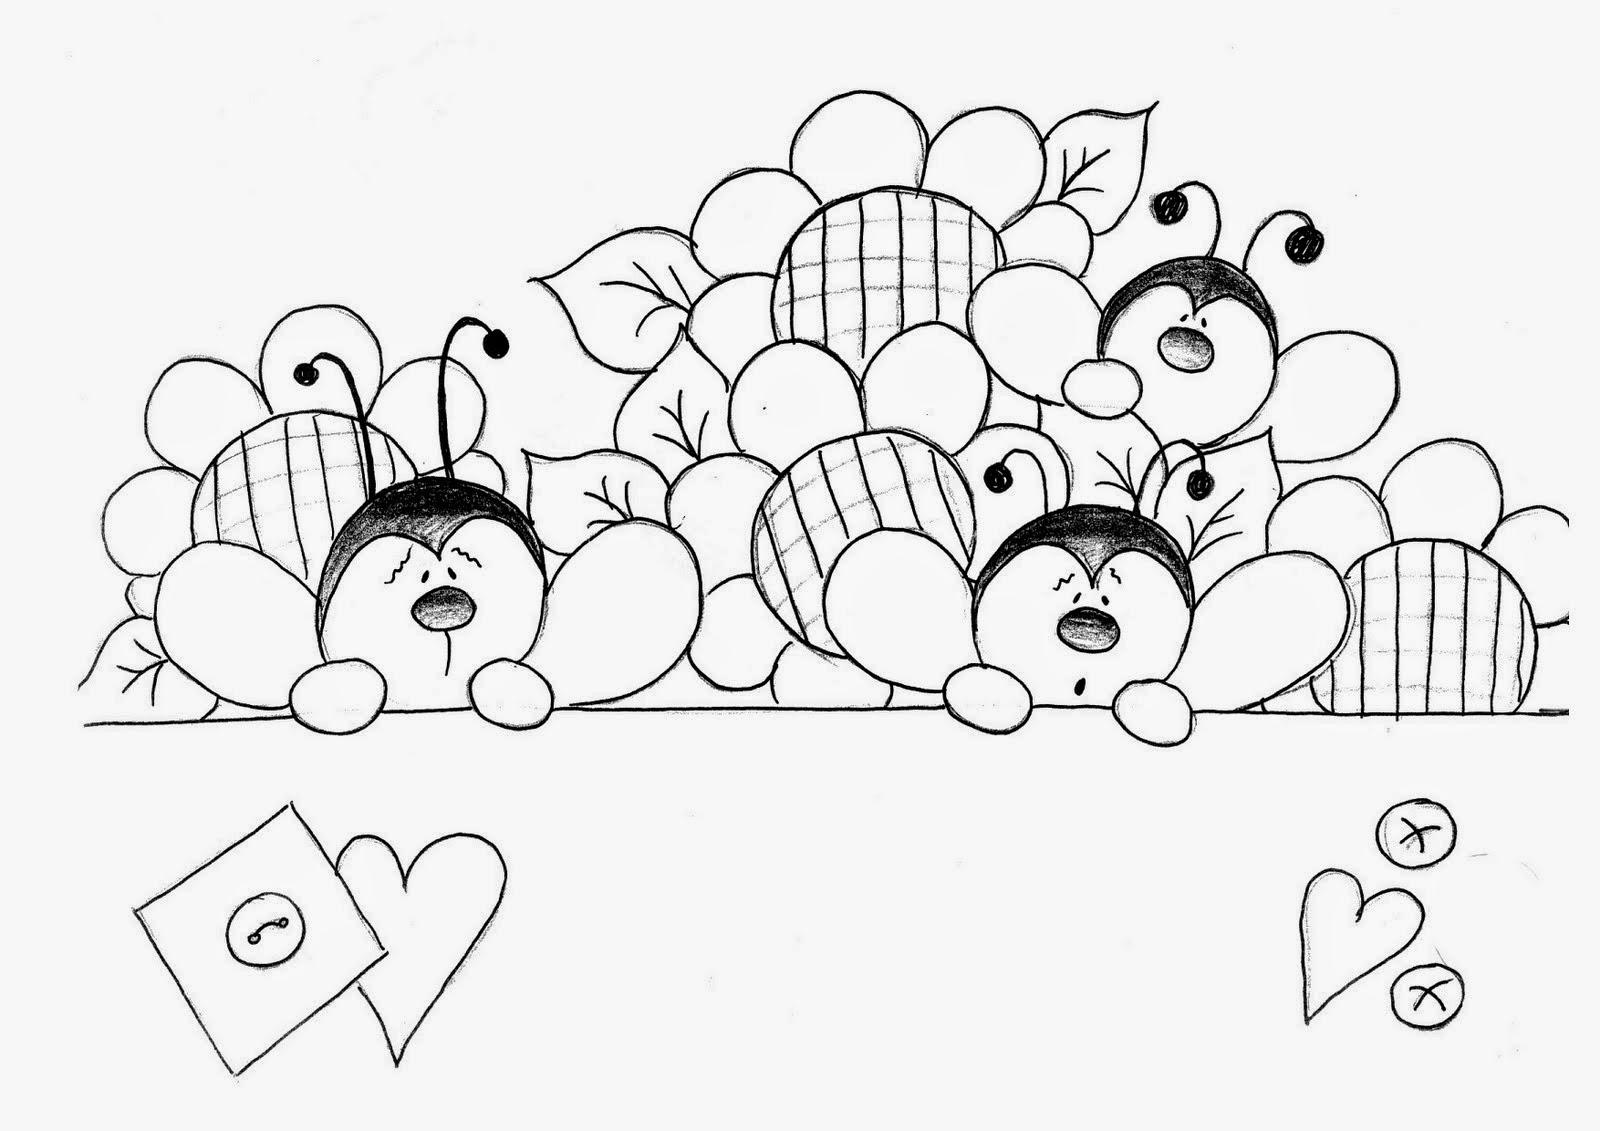 Desenho de uma Joaninha para pintar Guia Infantil - imagens para colorir joaninha